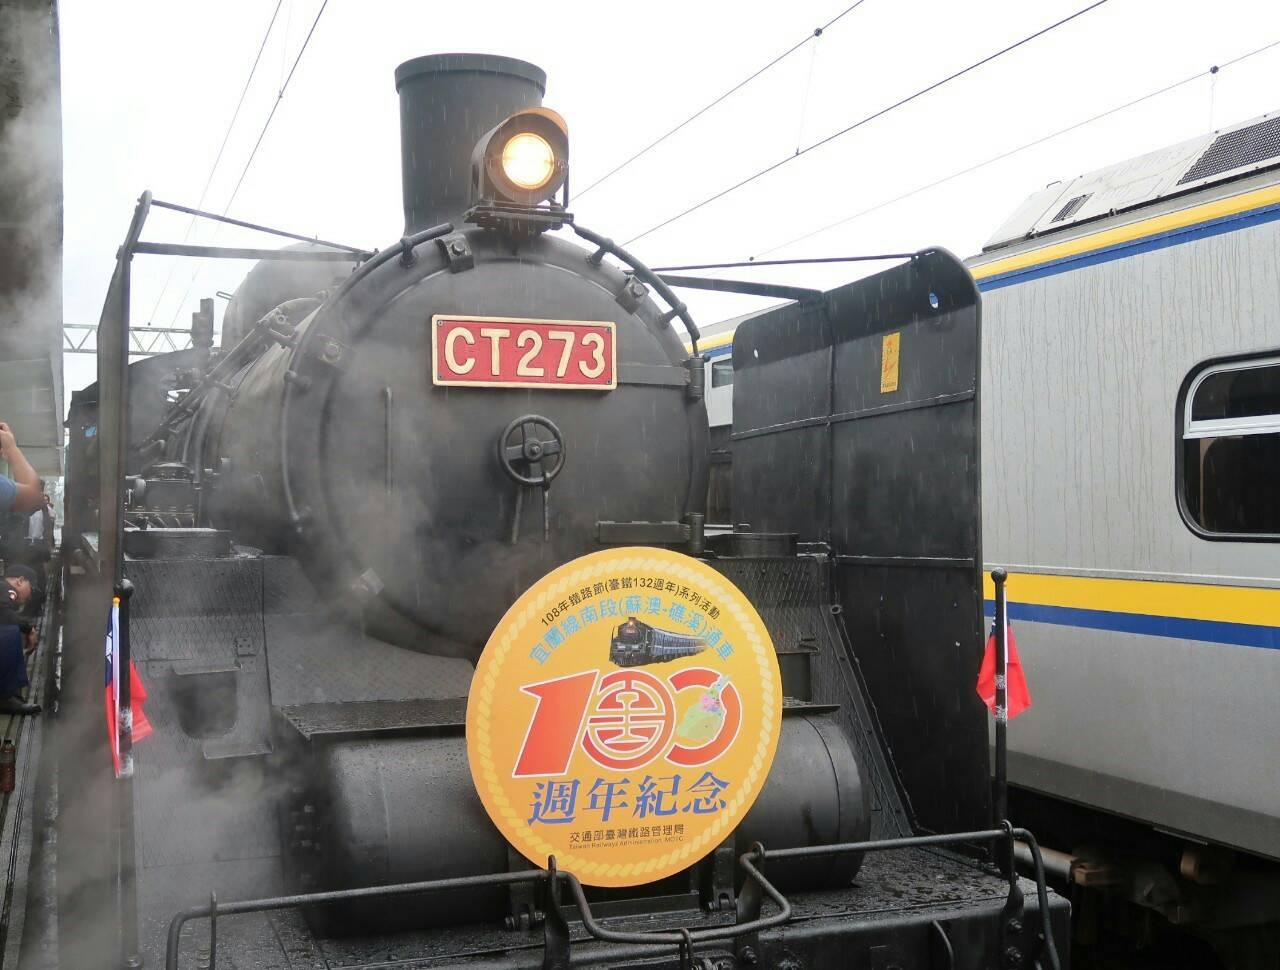 195271.jpg